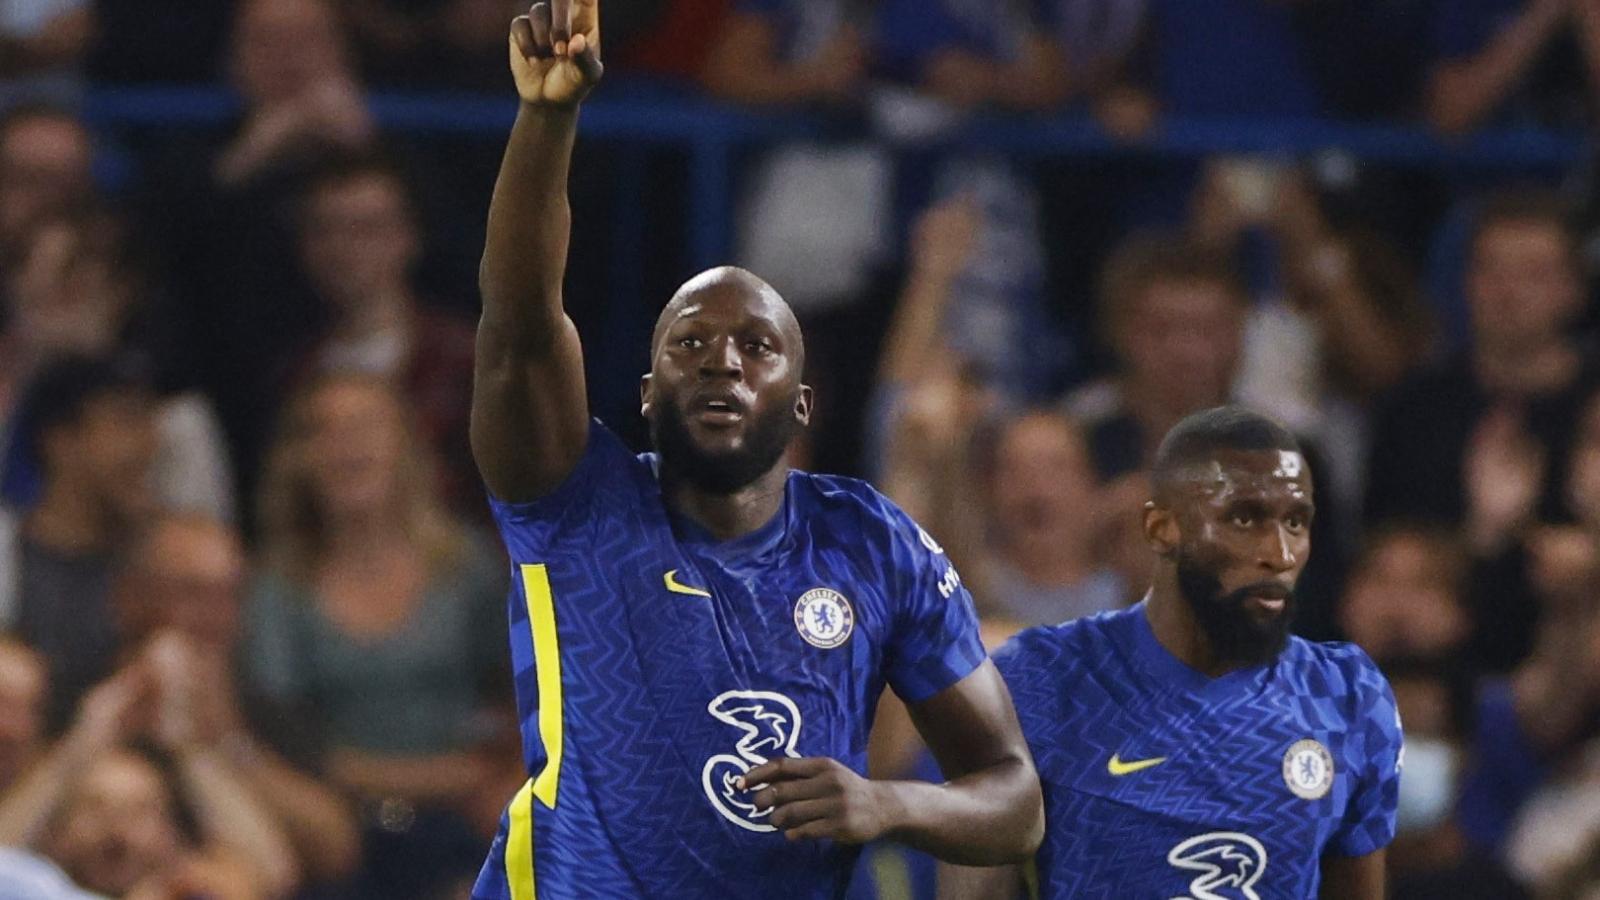 Kết quả Cúp C1 châu Âu: Chelsea và Juventus mở hội, Barca thua đậm Bayern